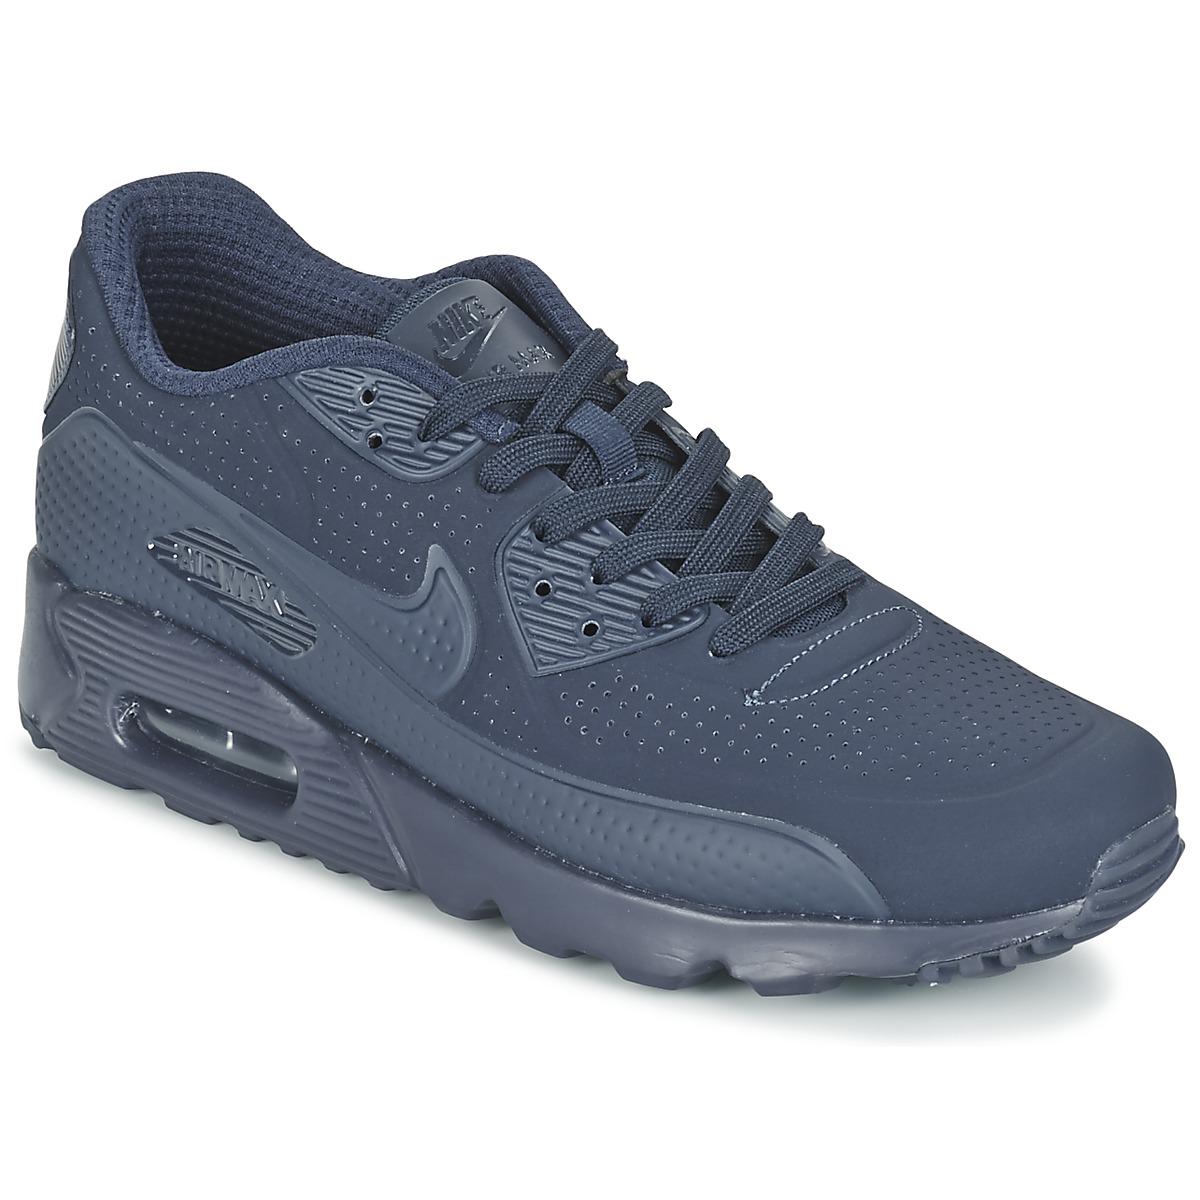 Nike AIR MAX 90 ULTRA MOIRE Bleu